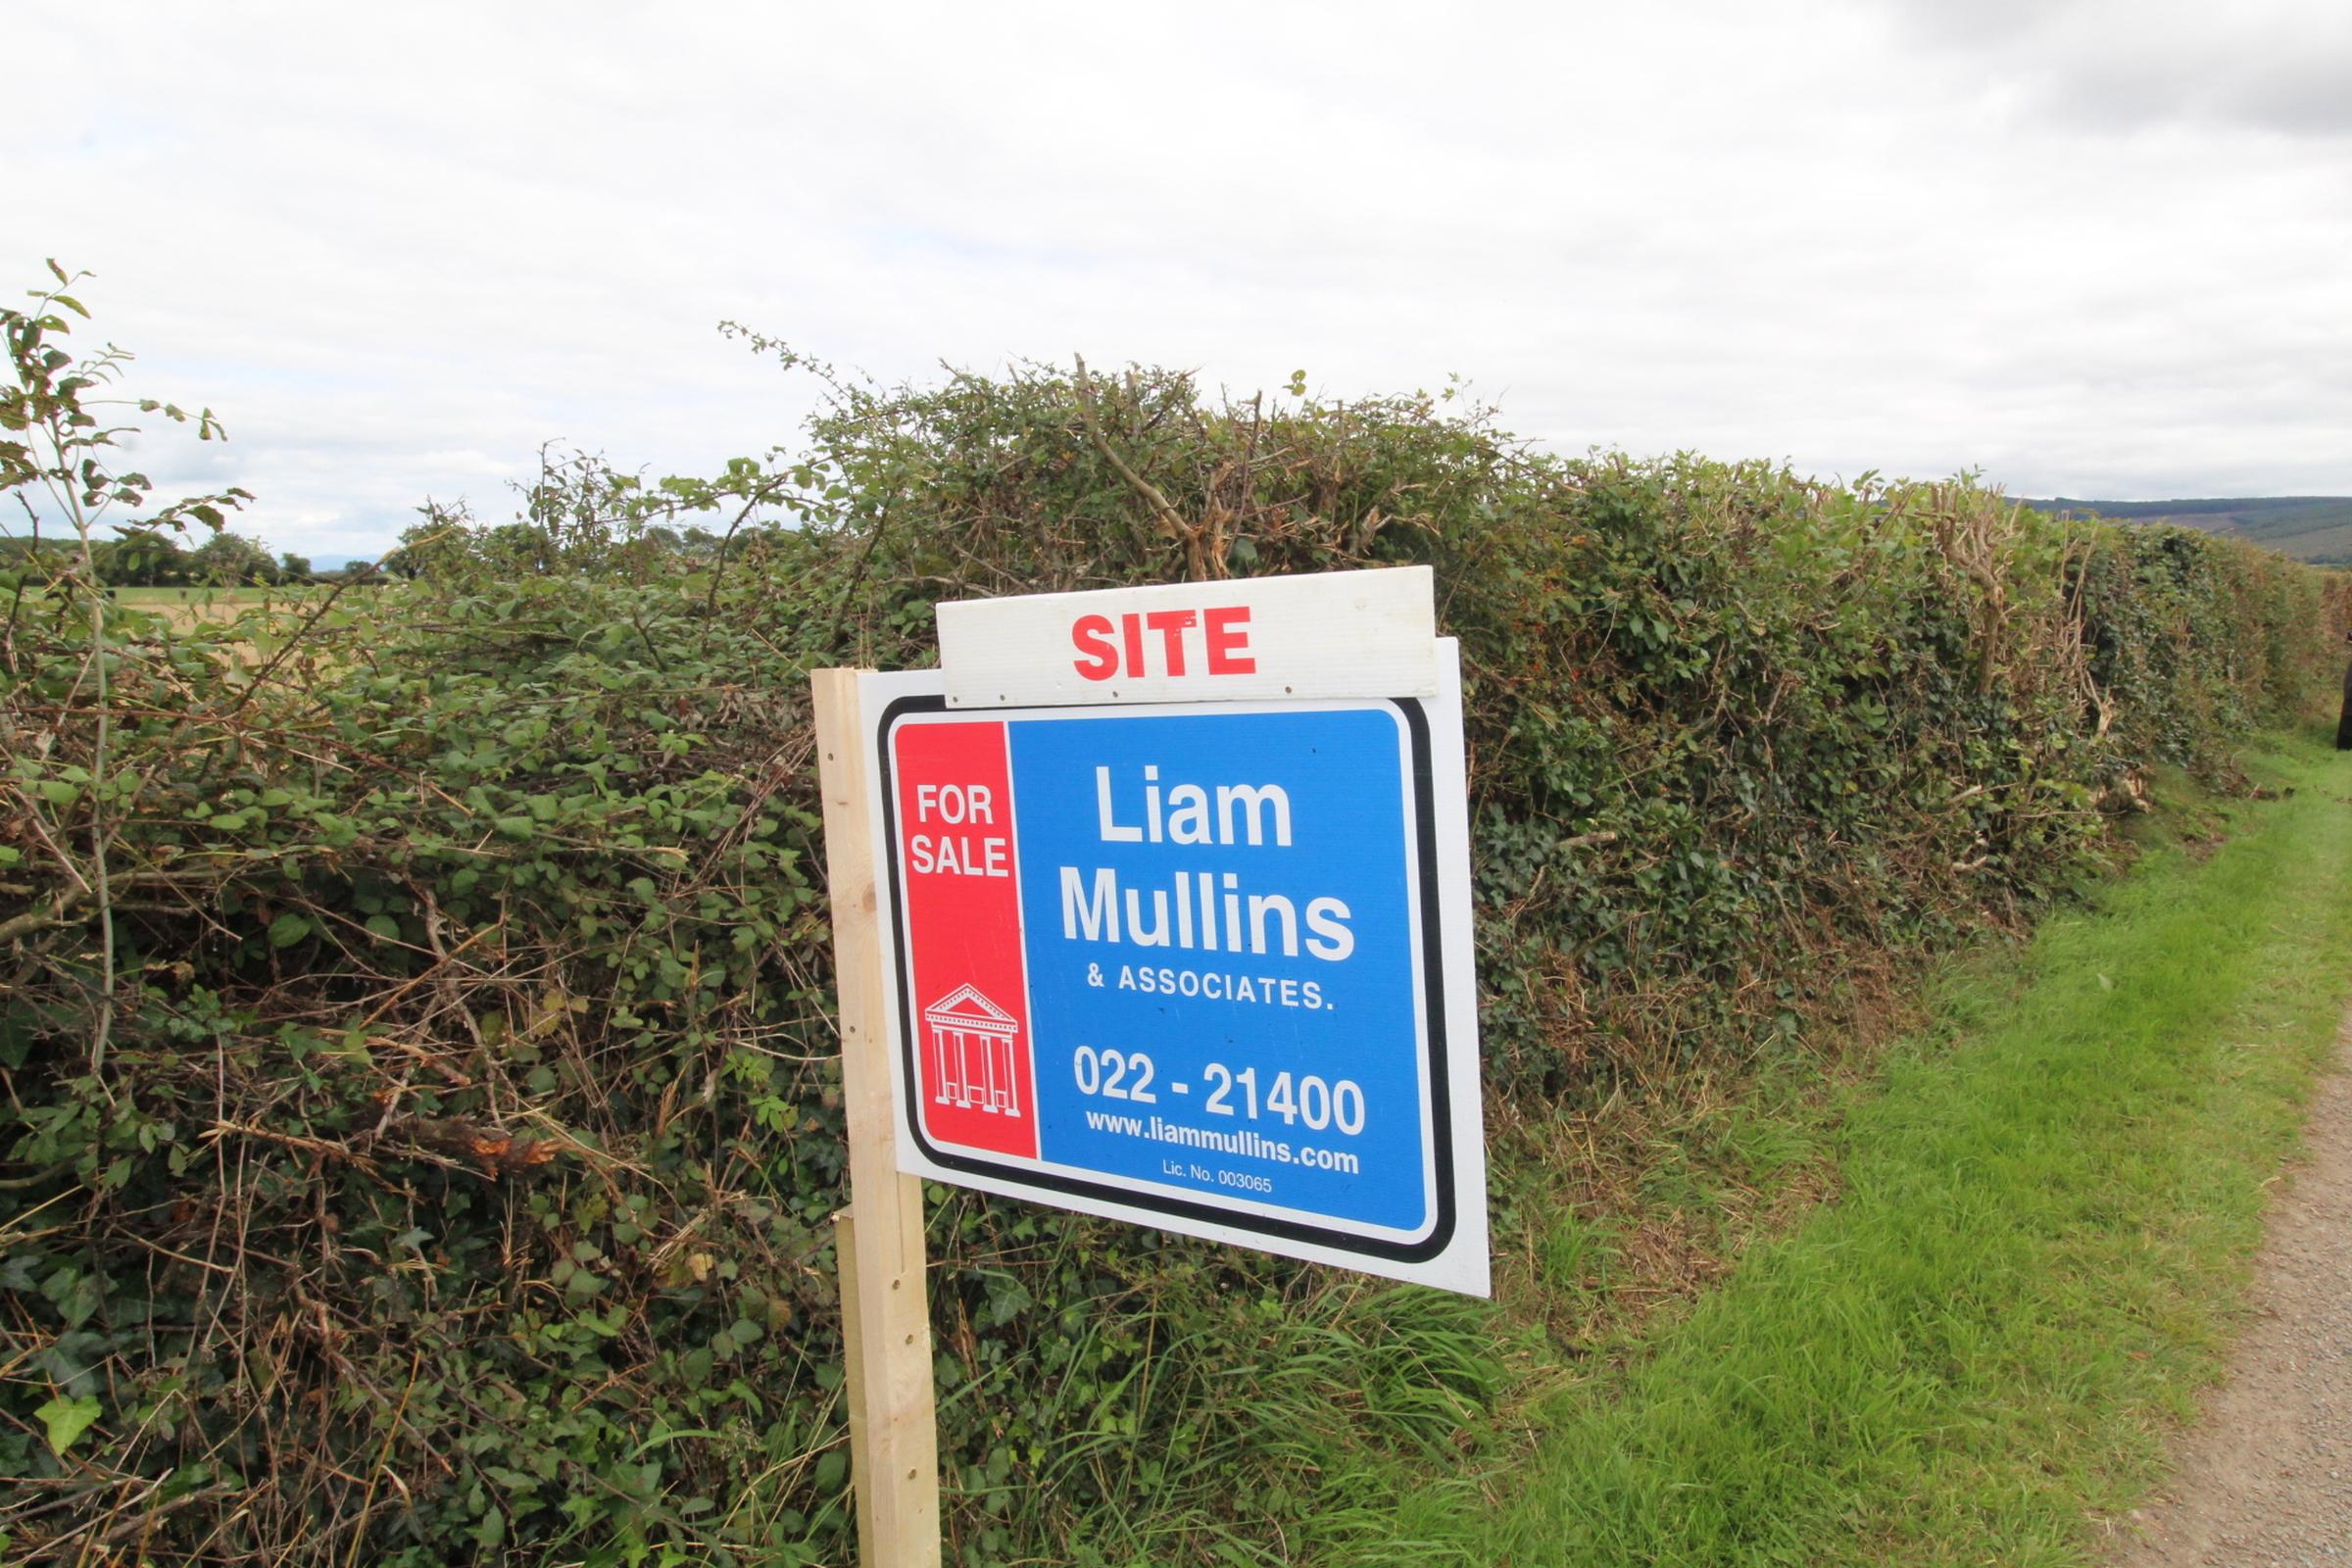 Monanimy Lower, Killavullen, Co. Cork